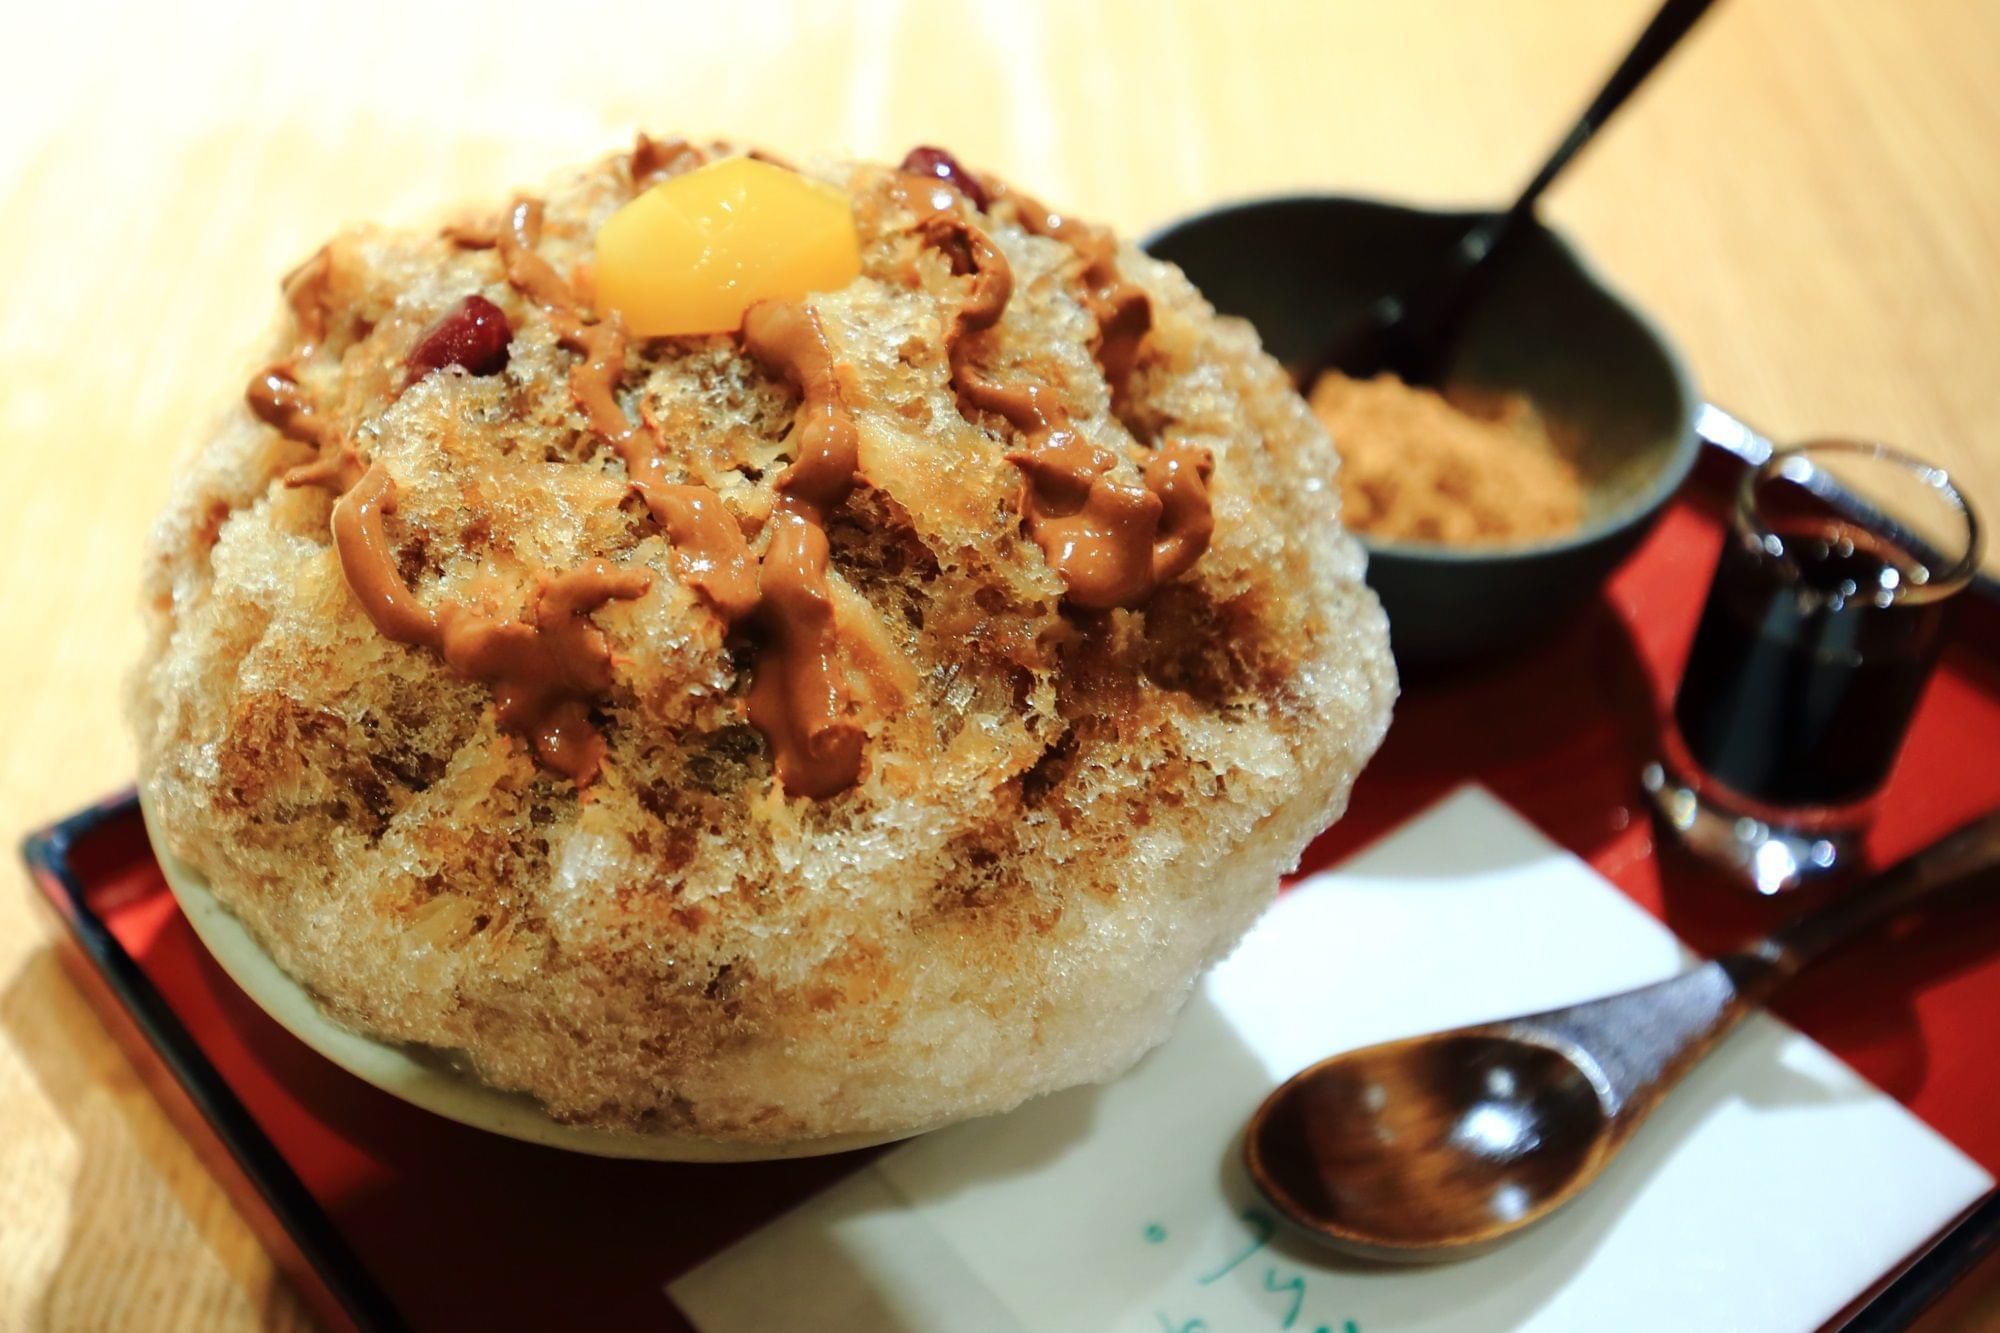 究極の和スイーツ!京都で食べる3大和パフェが美味すぎる